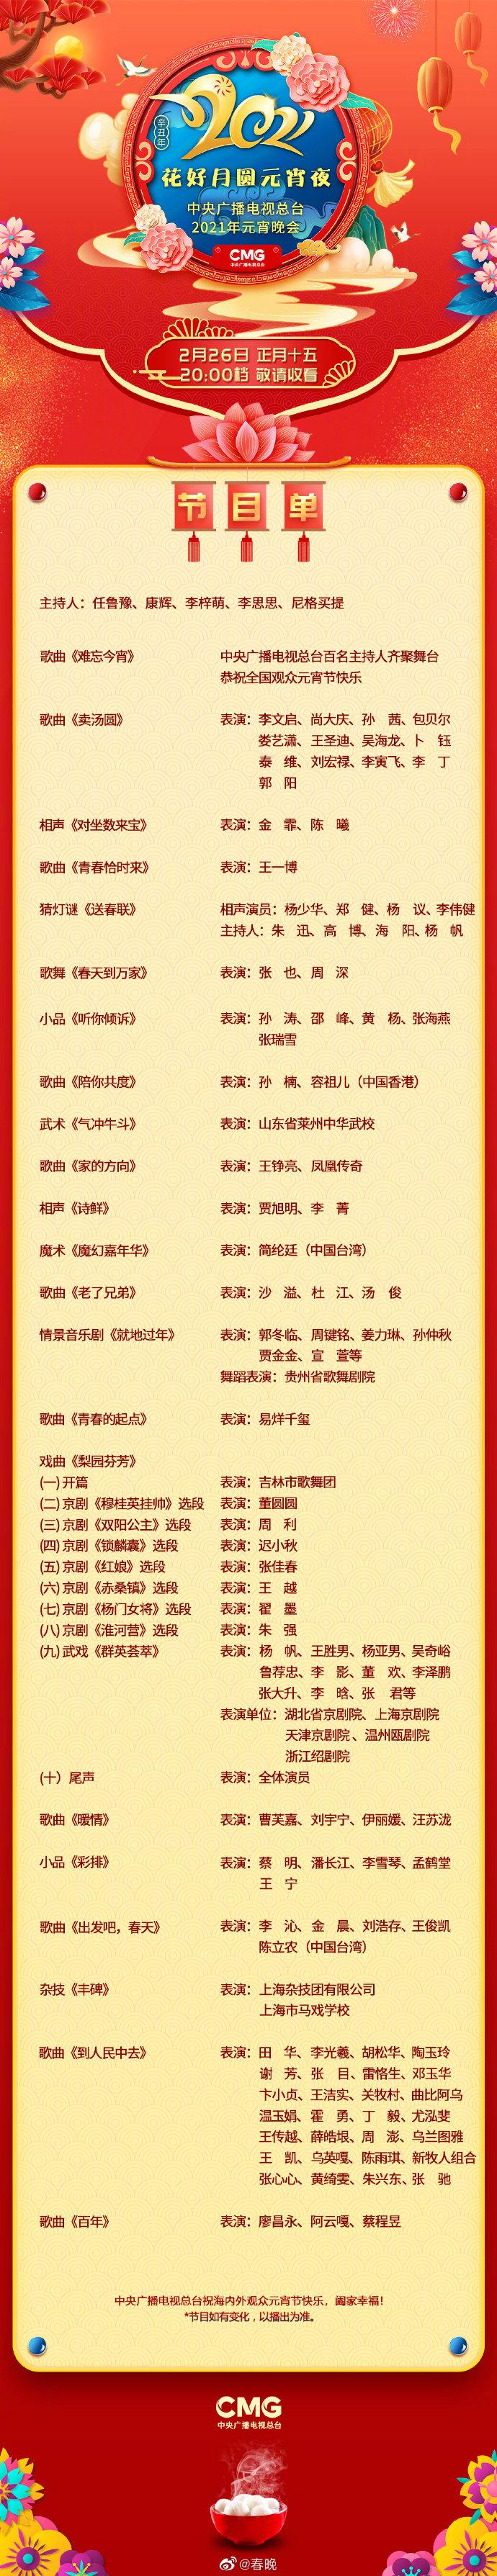 【星瓜】央视元宵晚会节目单公布 2021央视元宵晚会节目单完整版